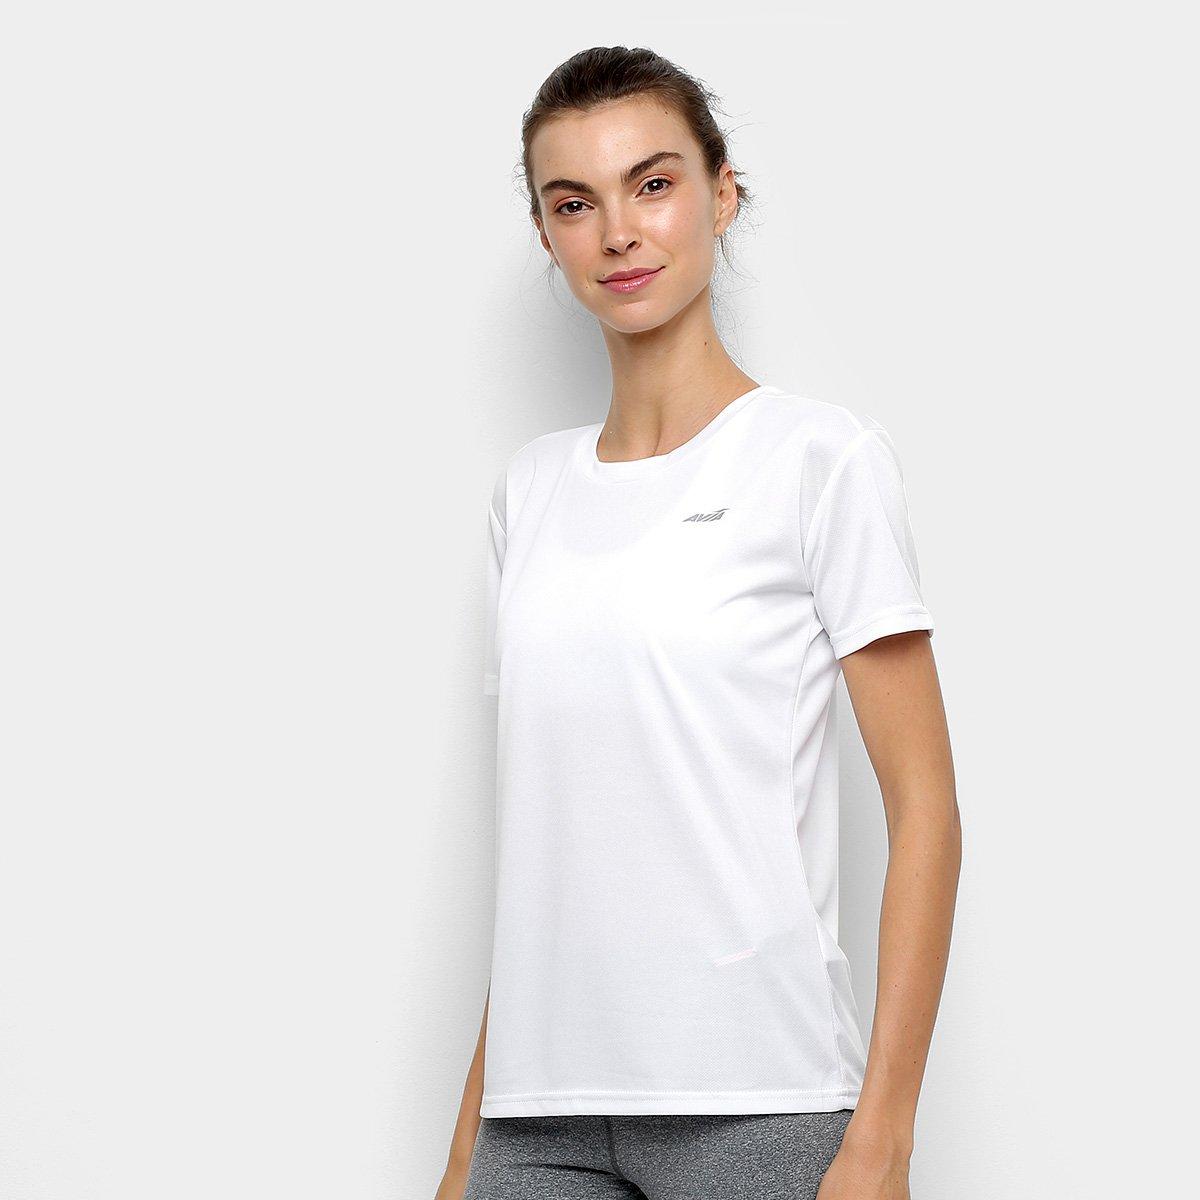 Camiseta Avia Marie Feminina - Branco - Compre Agora  7e44c068018